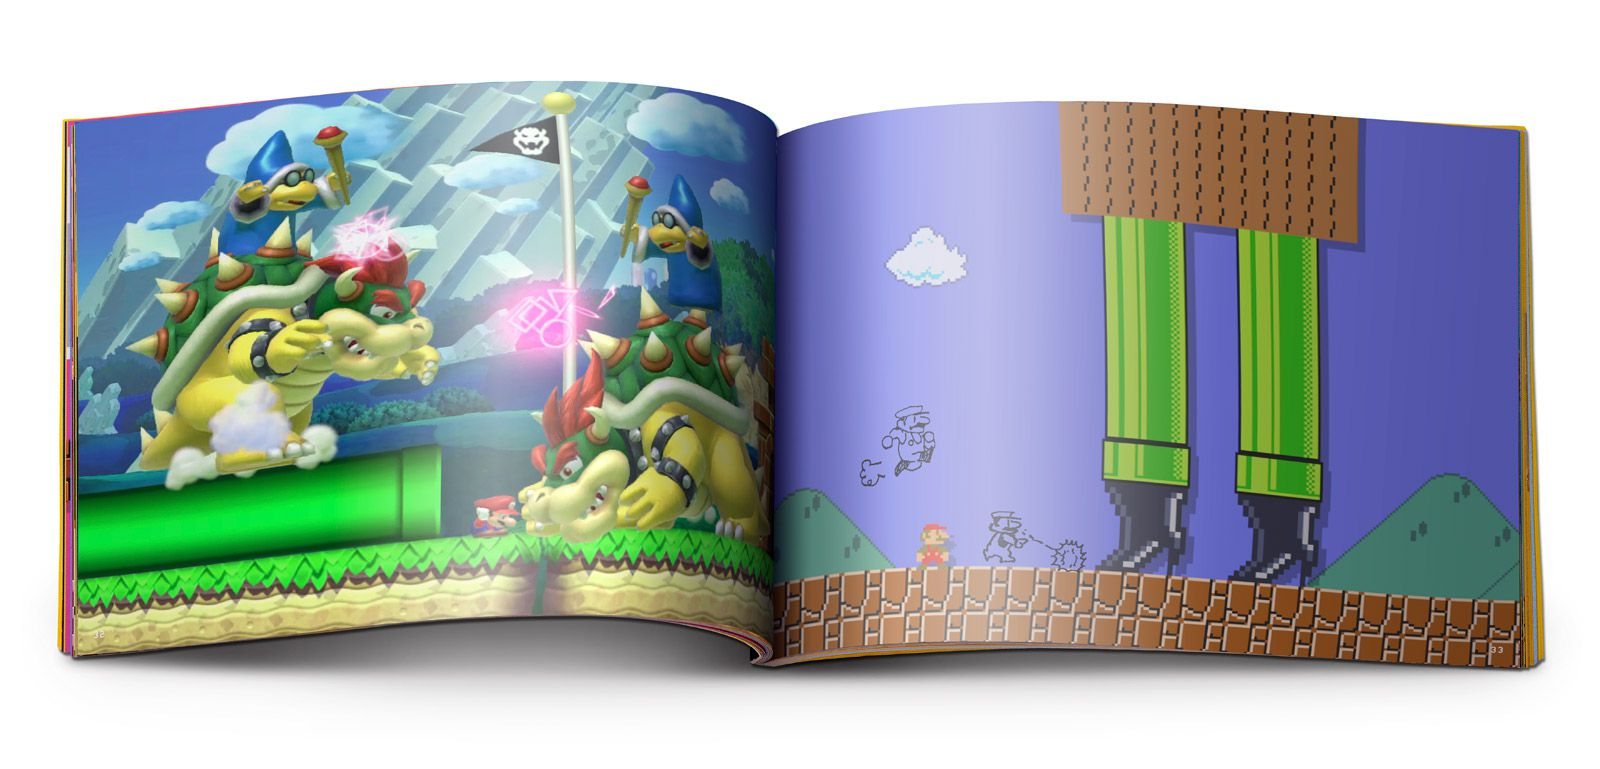 WiiU_SuperMarioMaker_booklet.0.jpg